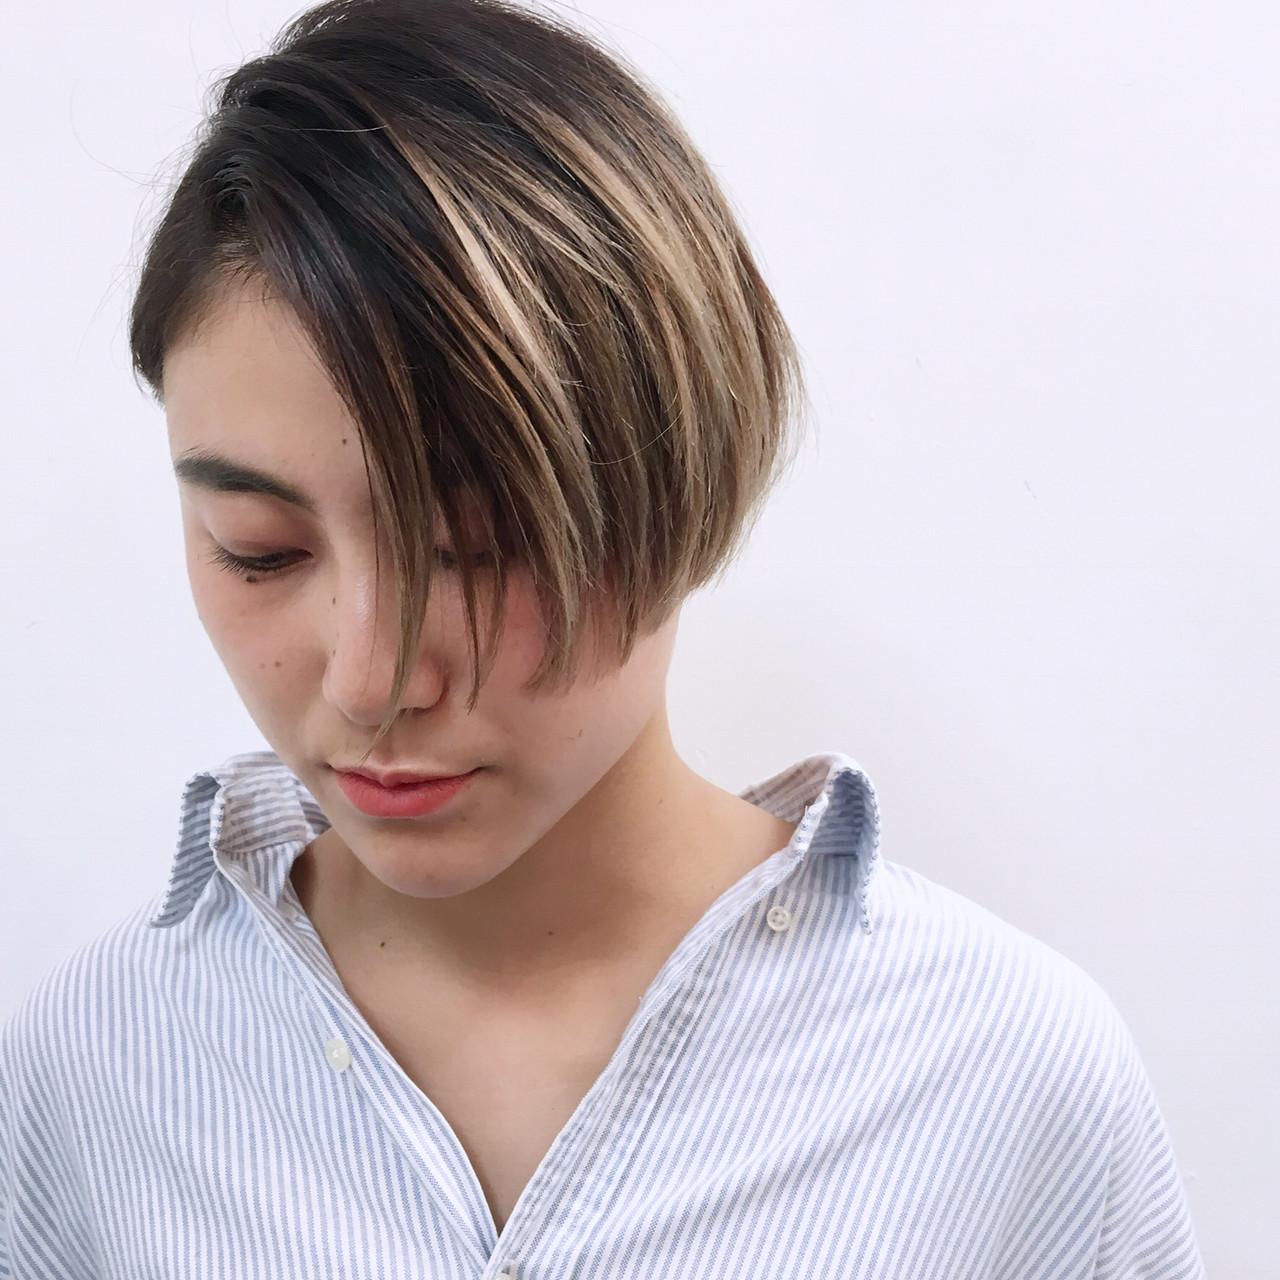 ナチュラル ショートボブ ショート アッシュグラデーションヘアスタイルや髪型の写真・画像